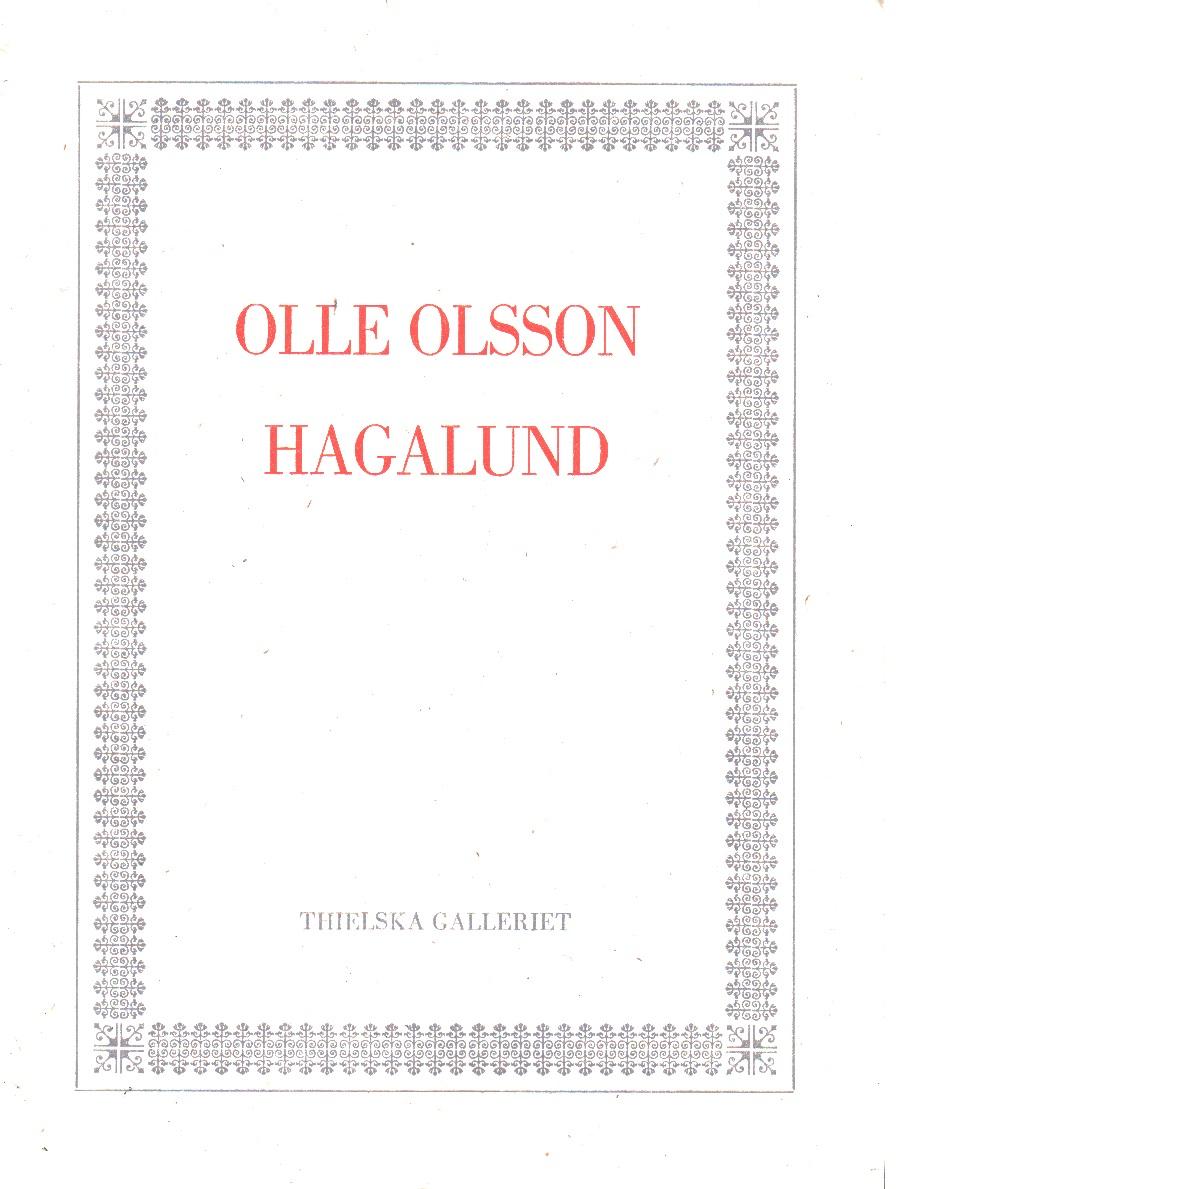 Olle Olsson Hagalund - Linde, Ulf